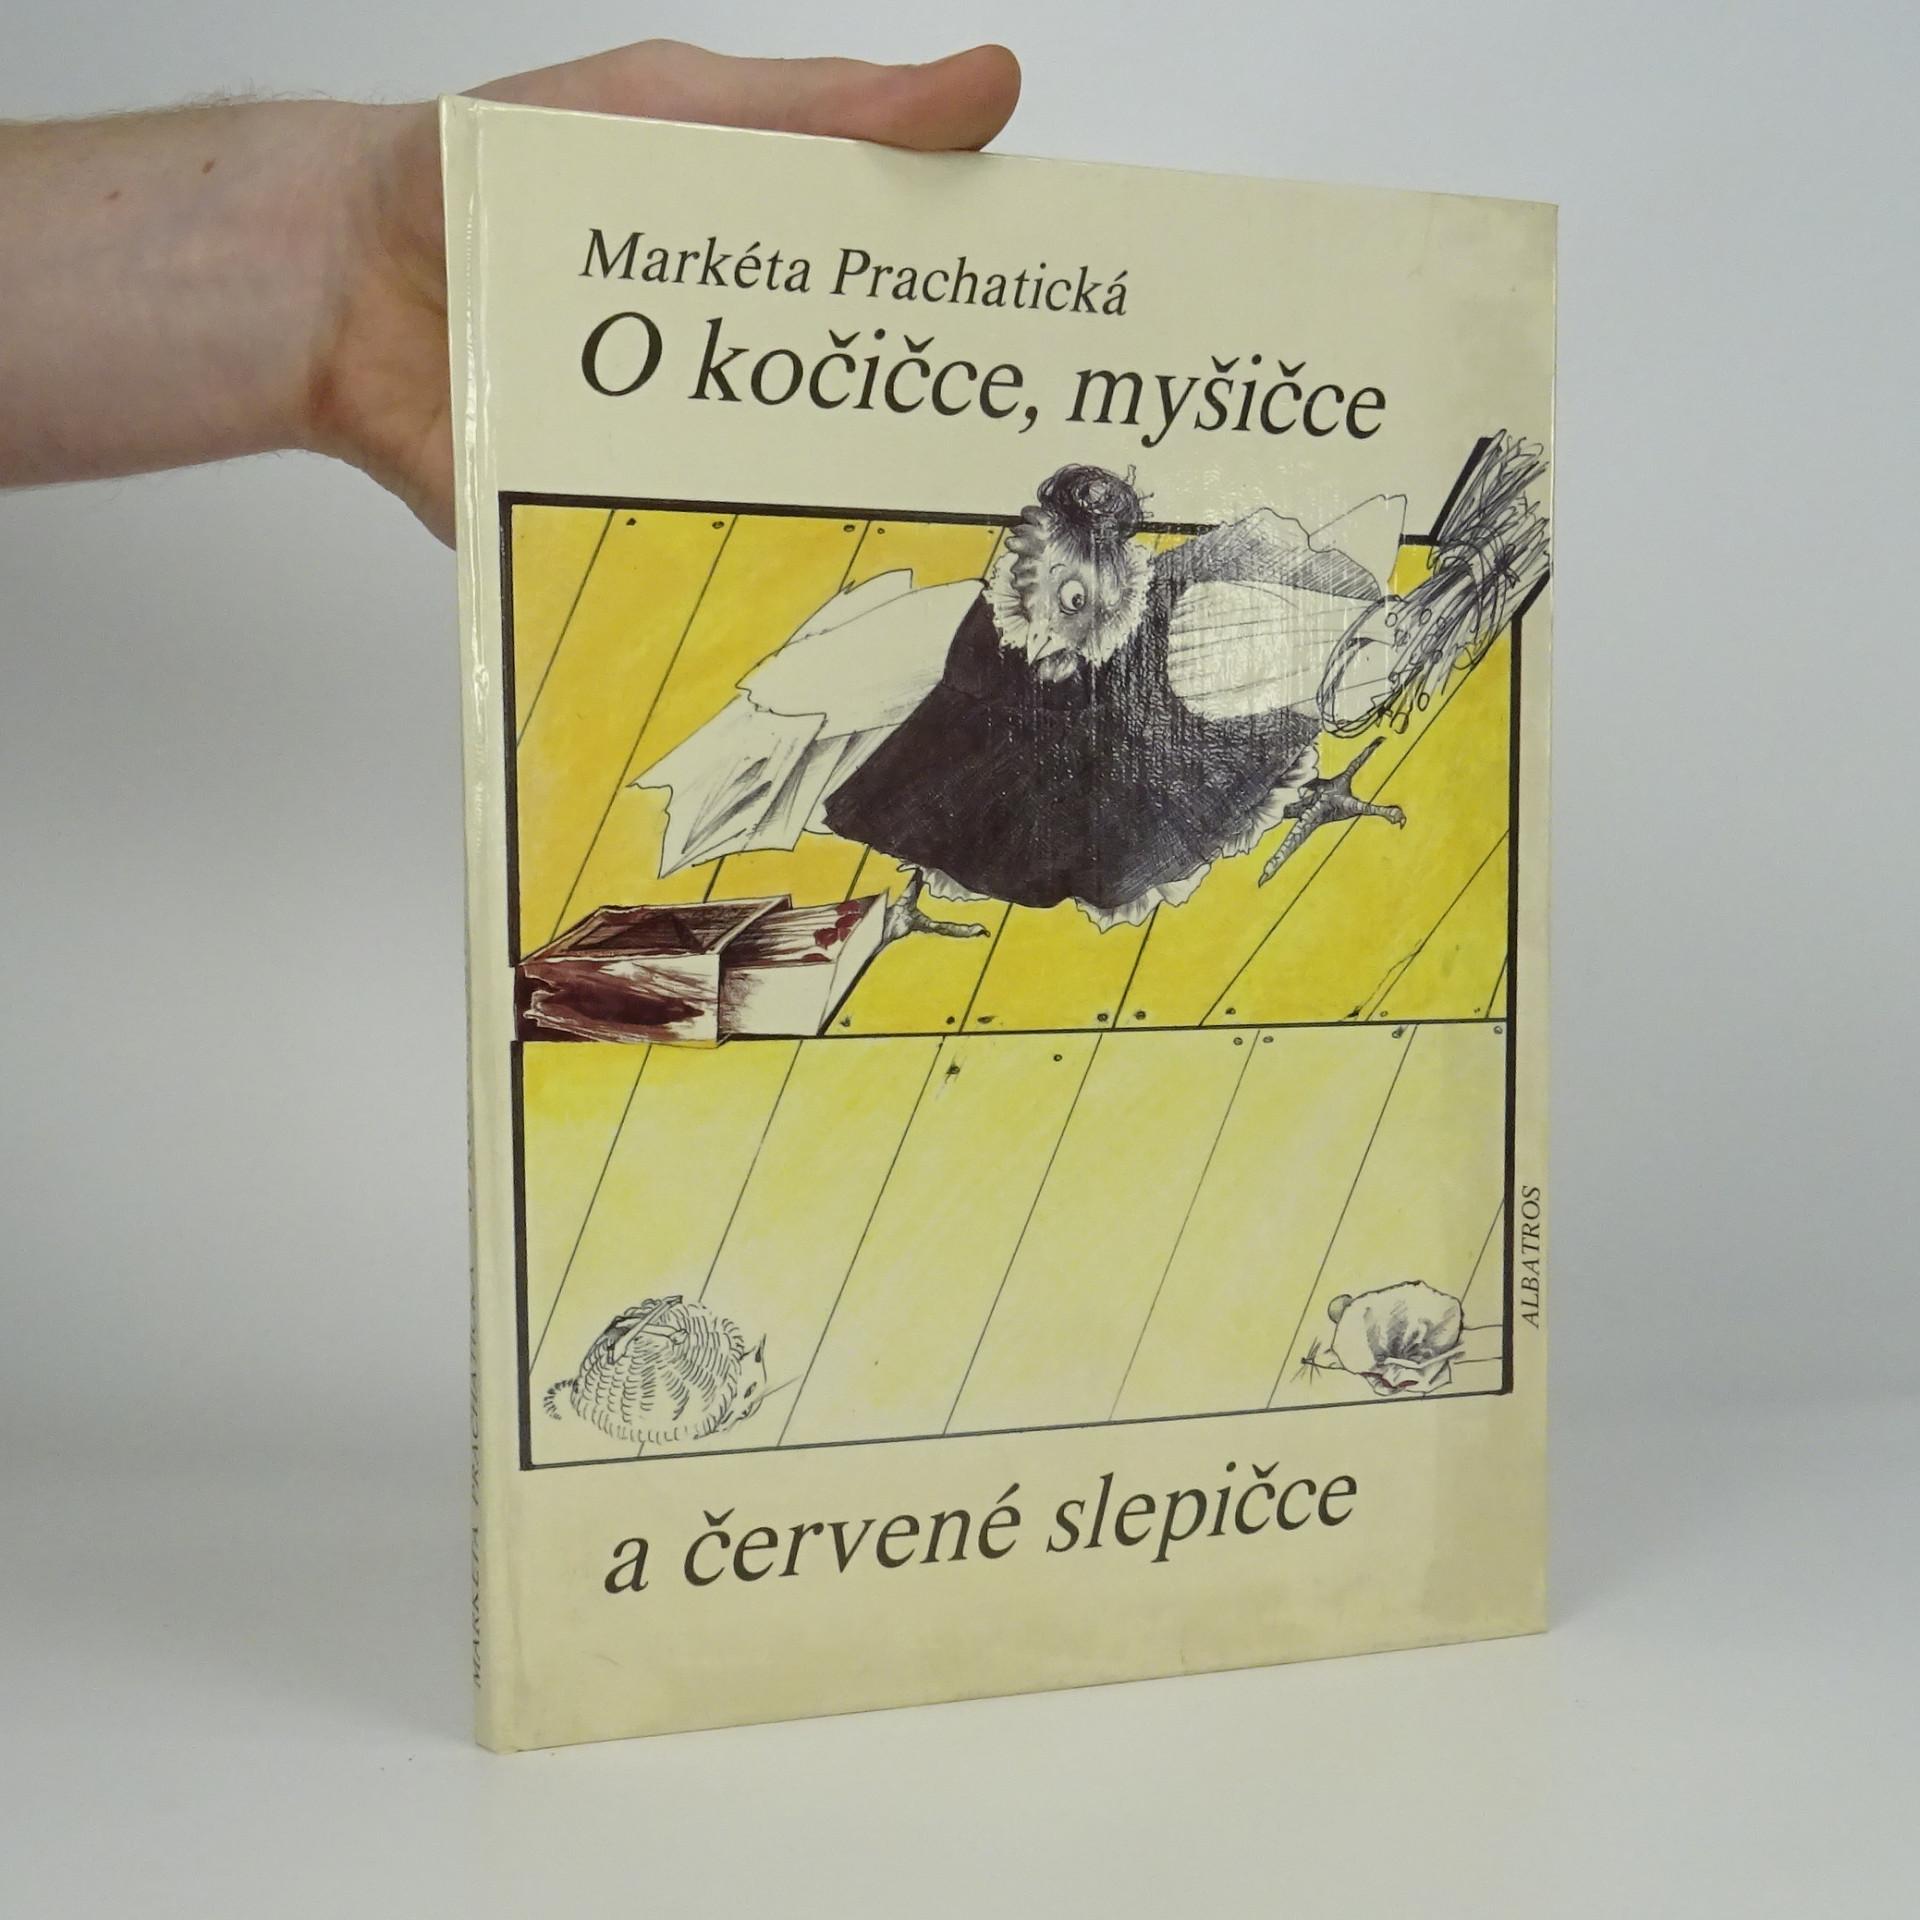 antikvární kniha O kočičce, myšičce a červené slepičce, 1986